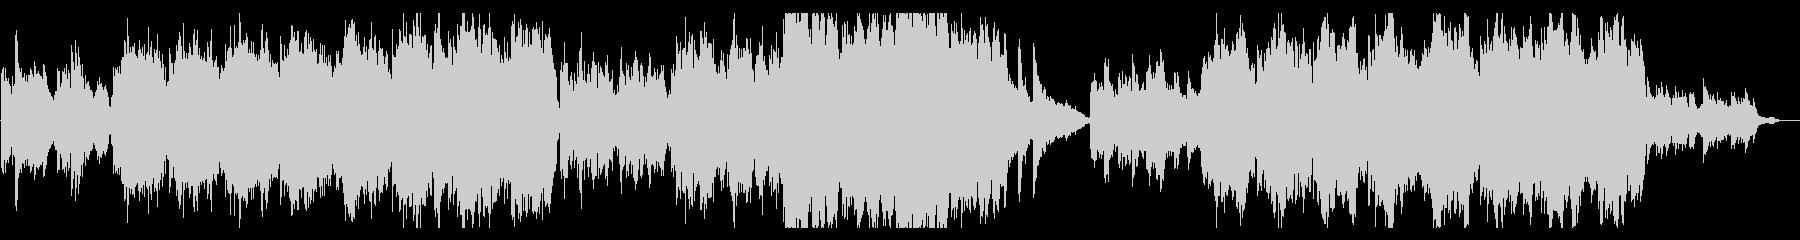 ピアノ ストリングス エピック バラードの未再生の波形